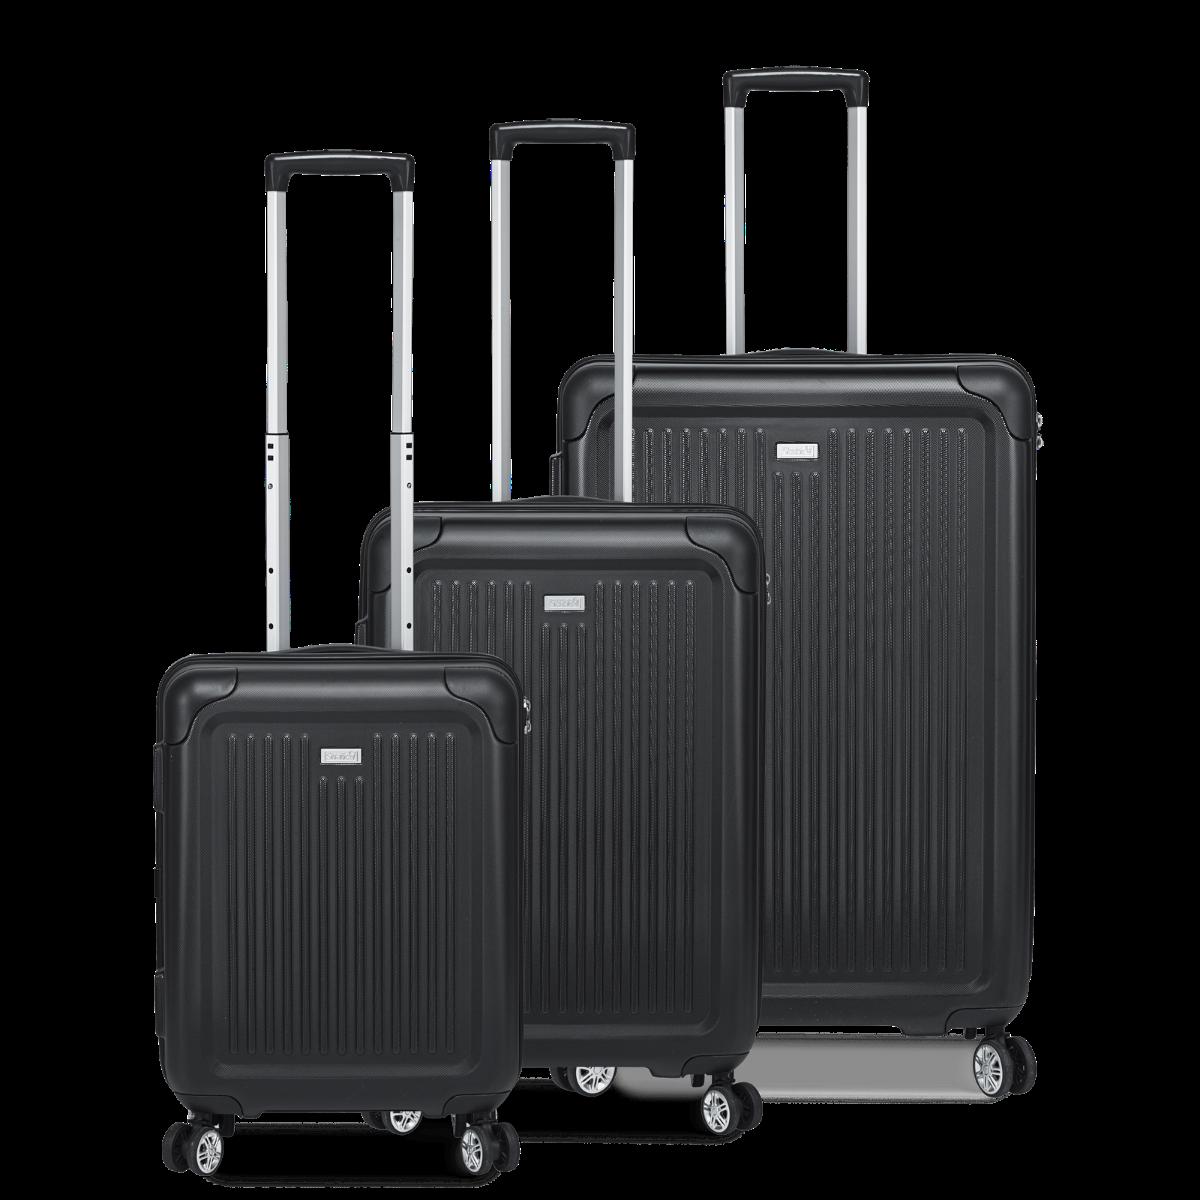 3-tlg. Hartschalen-Koffer-Set mit 4 Rollen, Stripe